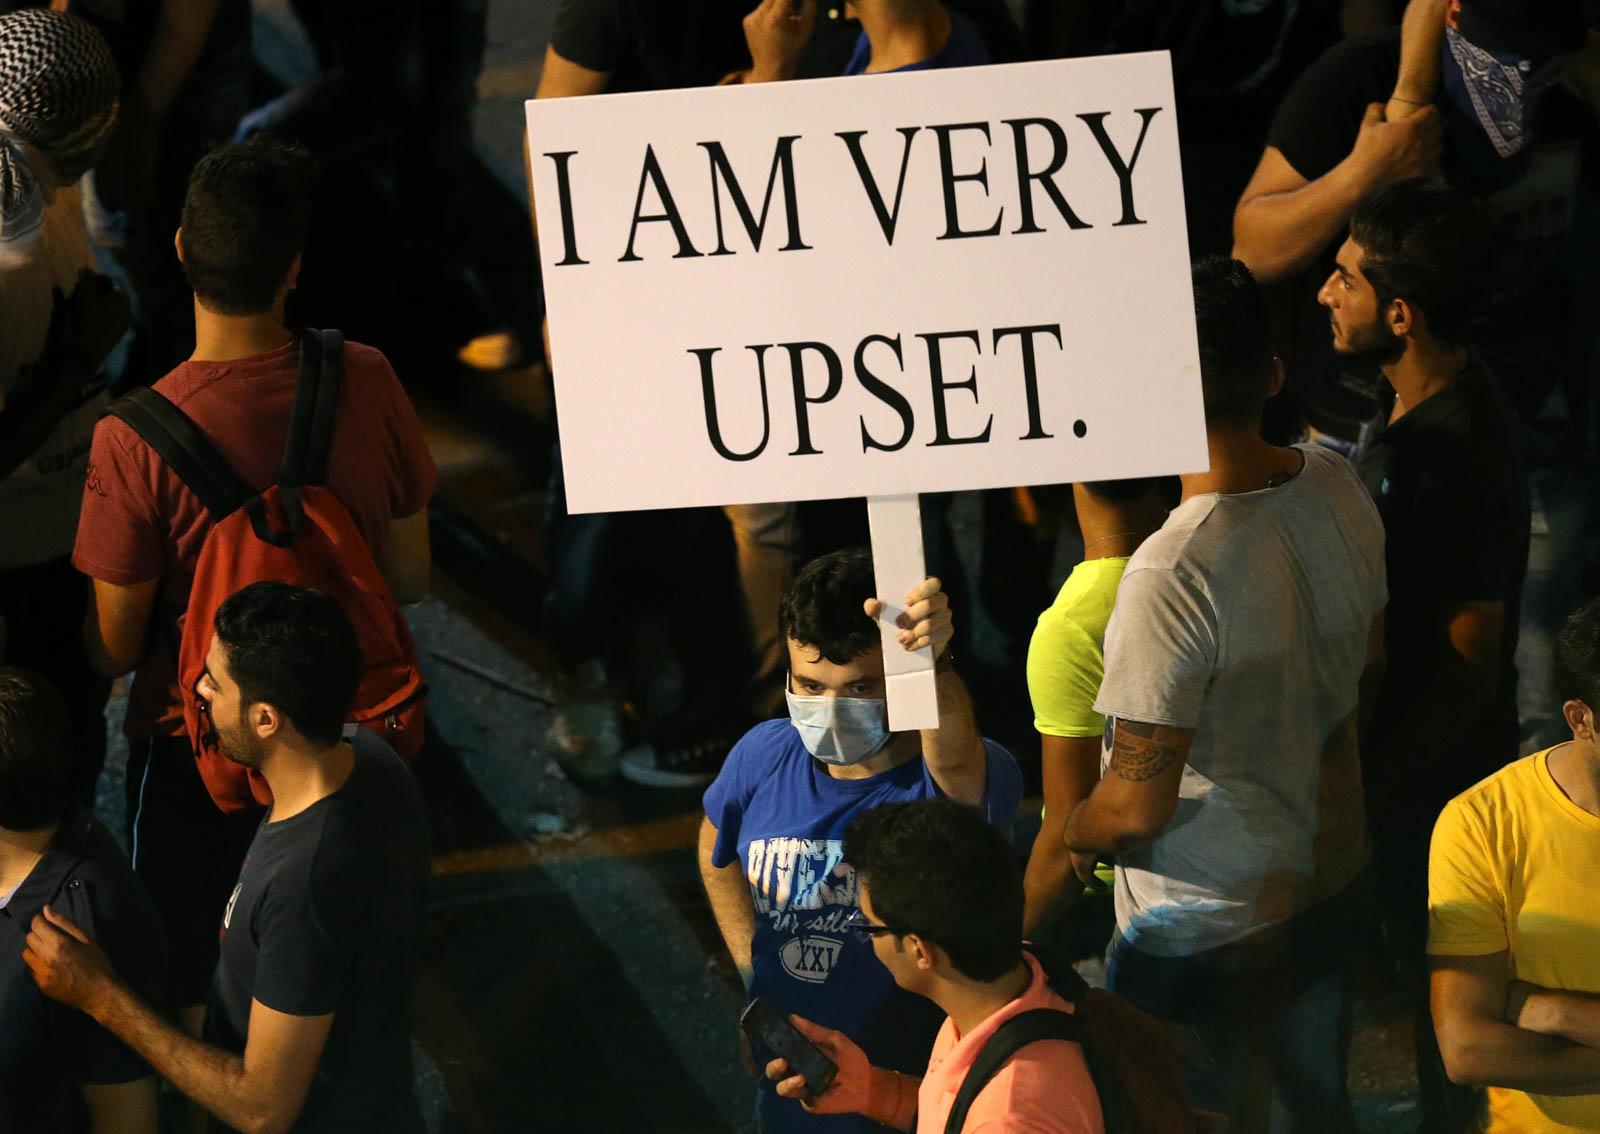 """Протестующие в Бейруте с плакатом """"Я ОЧЕНЬ РАССТРОЕН"""" (© AP Images)"""